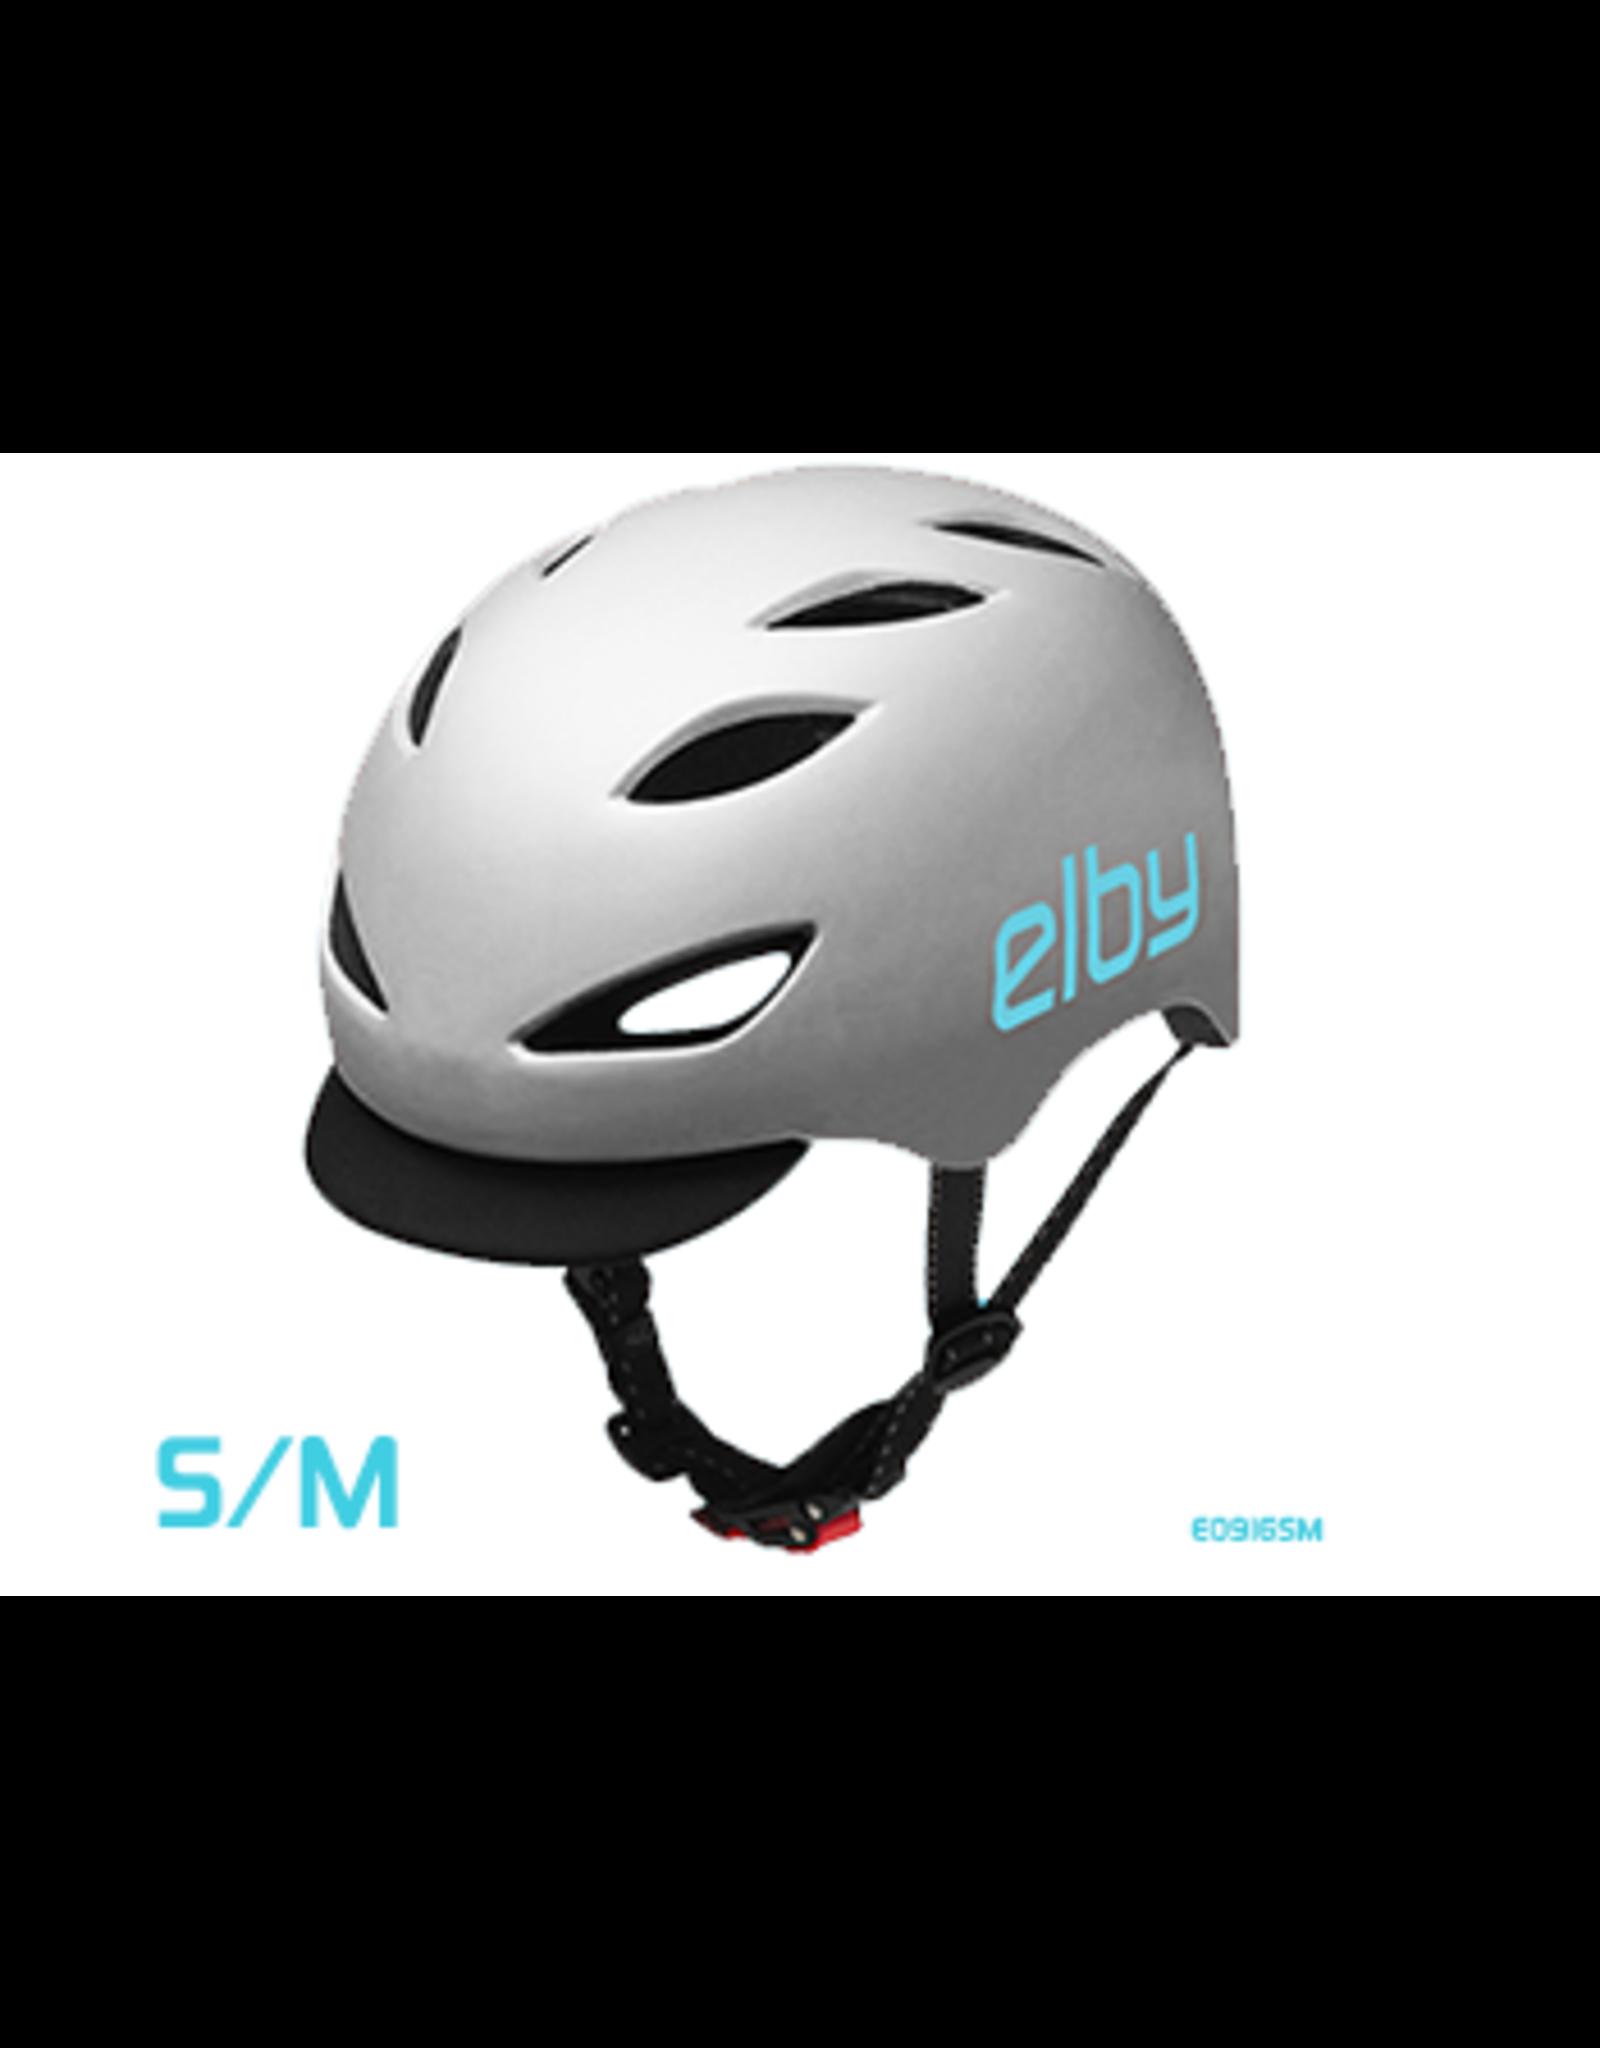 Elby Elby - Urban Commuter Helmet Putty M/L